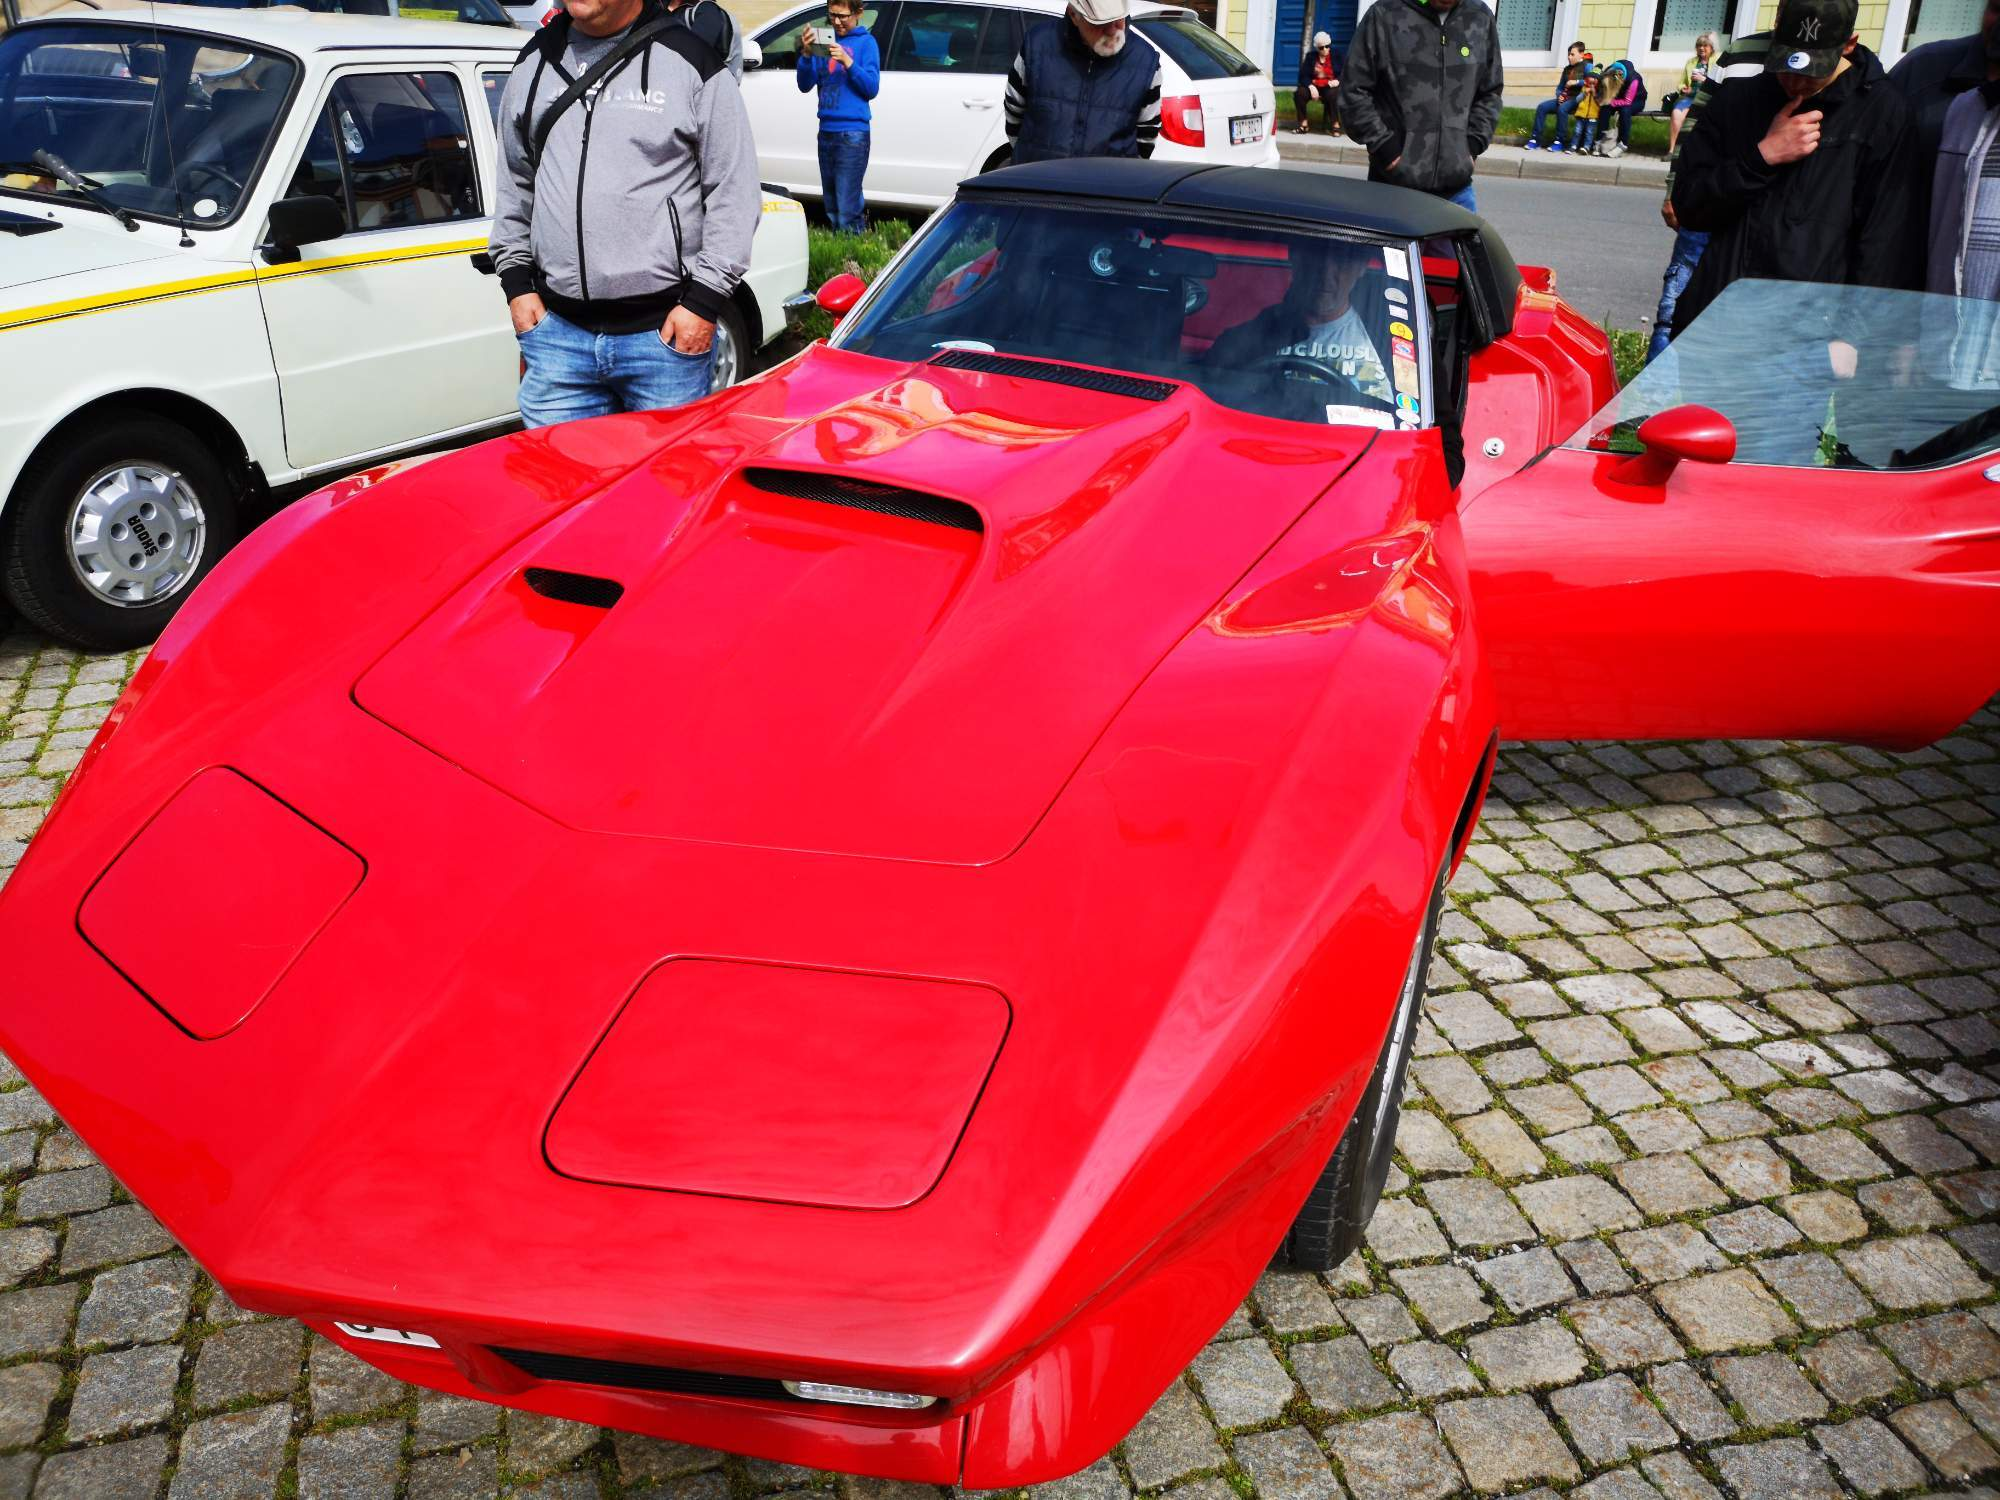 Červená Corvette snese i dnes měřítka moderního sportovního vozu. Foto: Jiří Černý